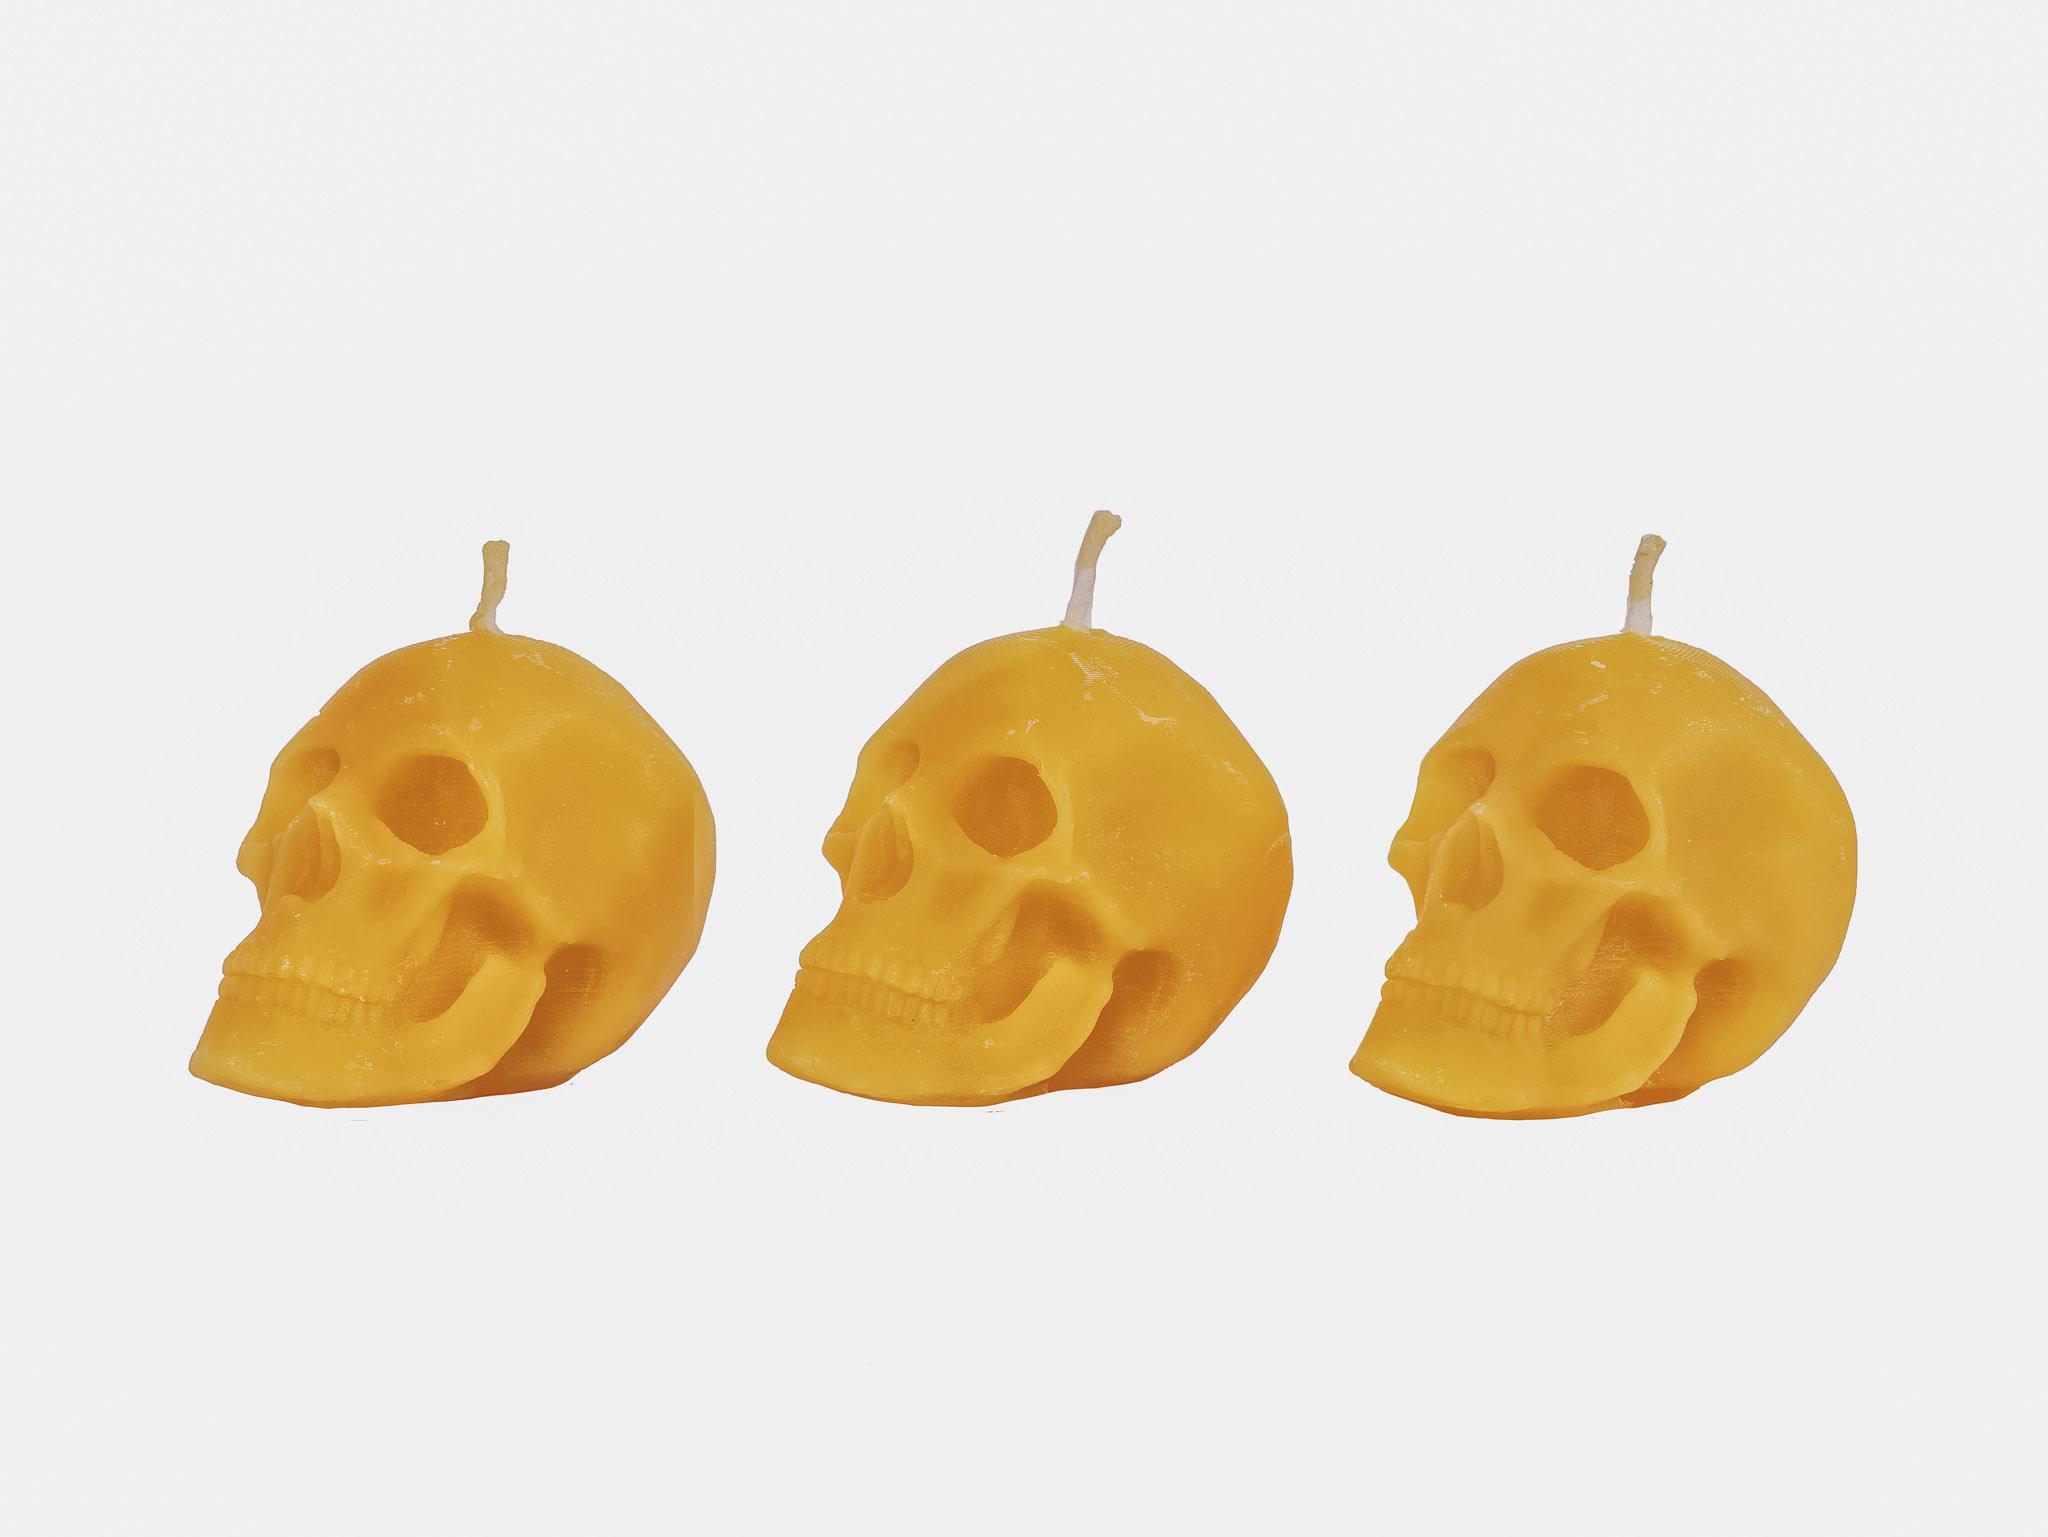 3x Totenkopf (Höhe ca. 6cm) aus 100% Bienenwachs vom Imker